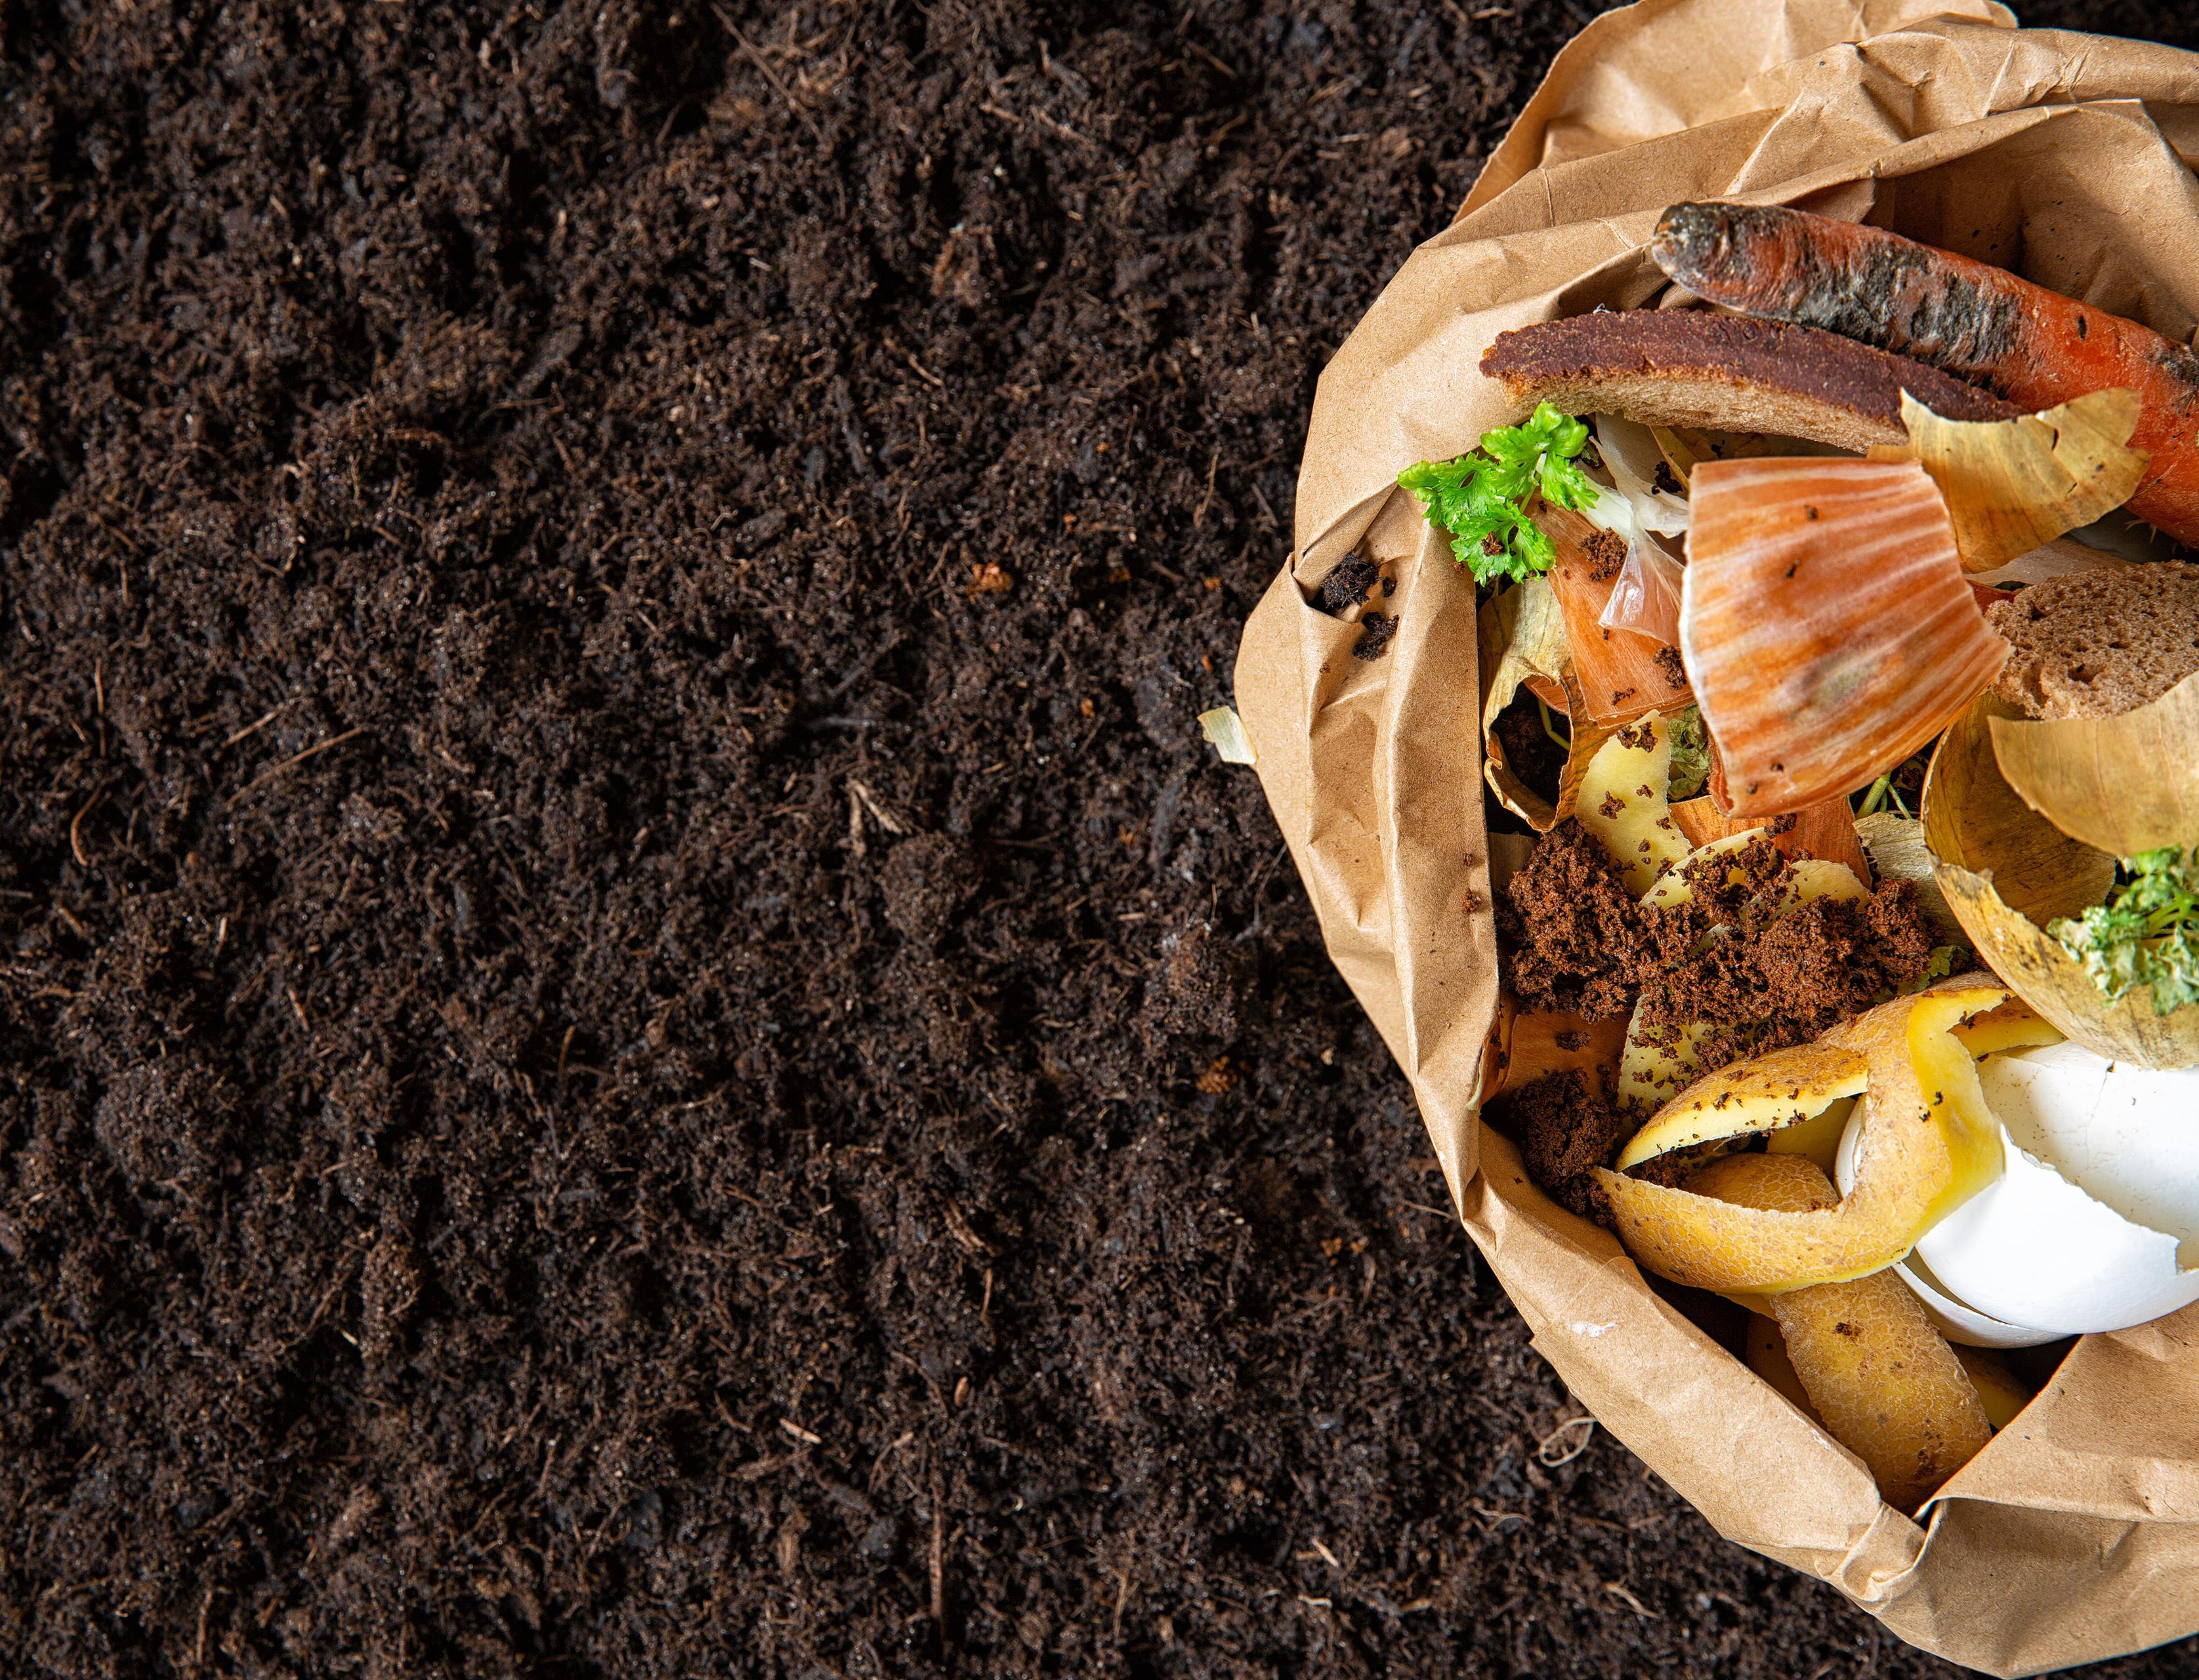 Как экоактивистка из Казани собрала две тонны органических отходов